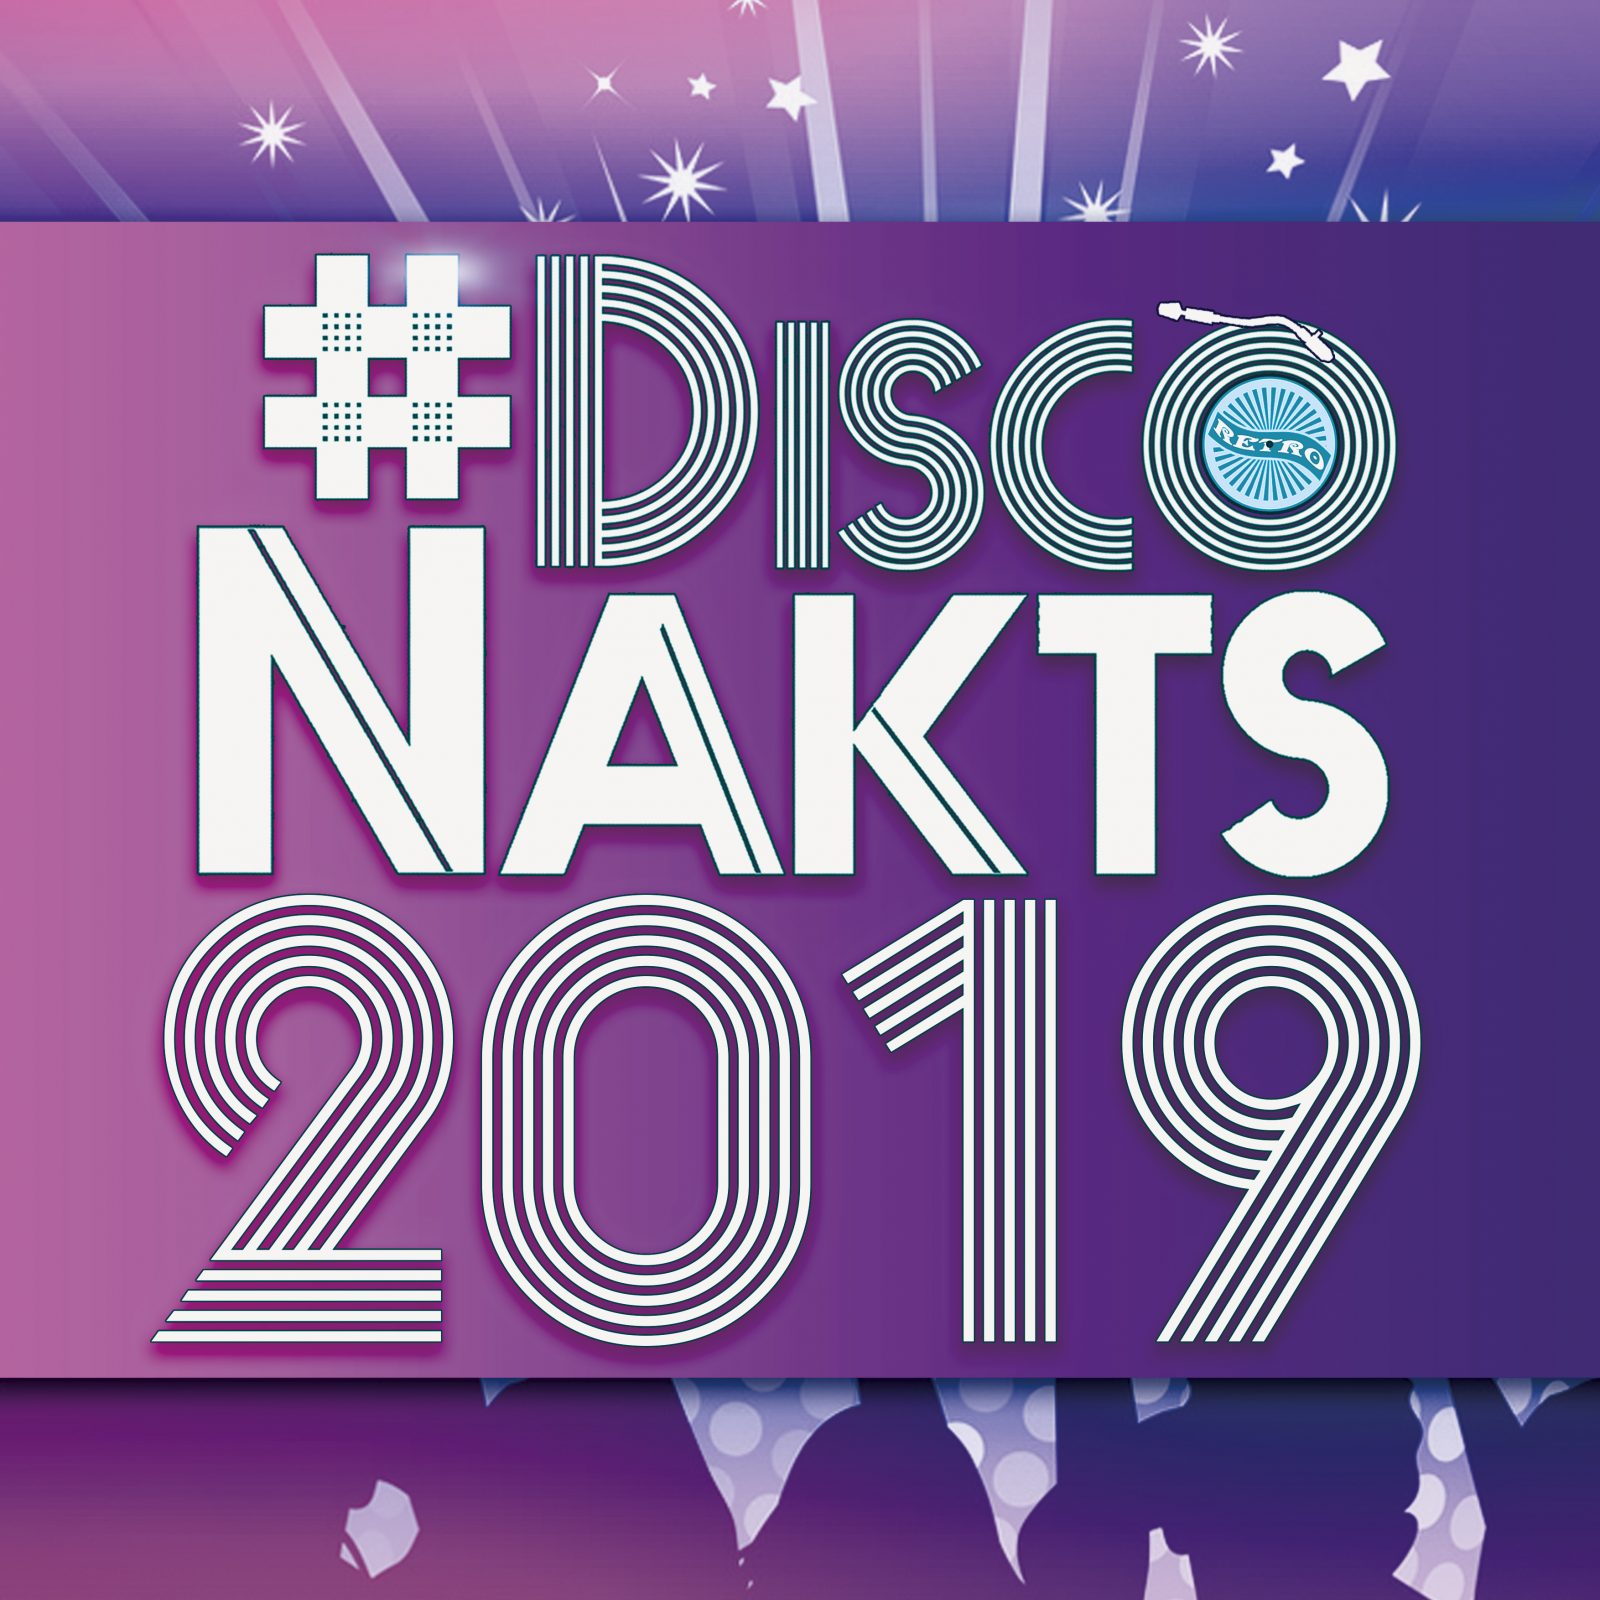 #DiscoNakts 2019